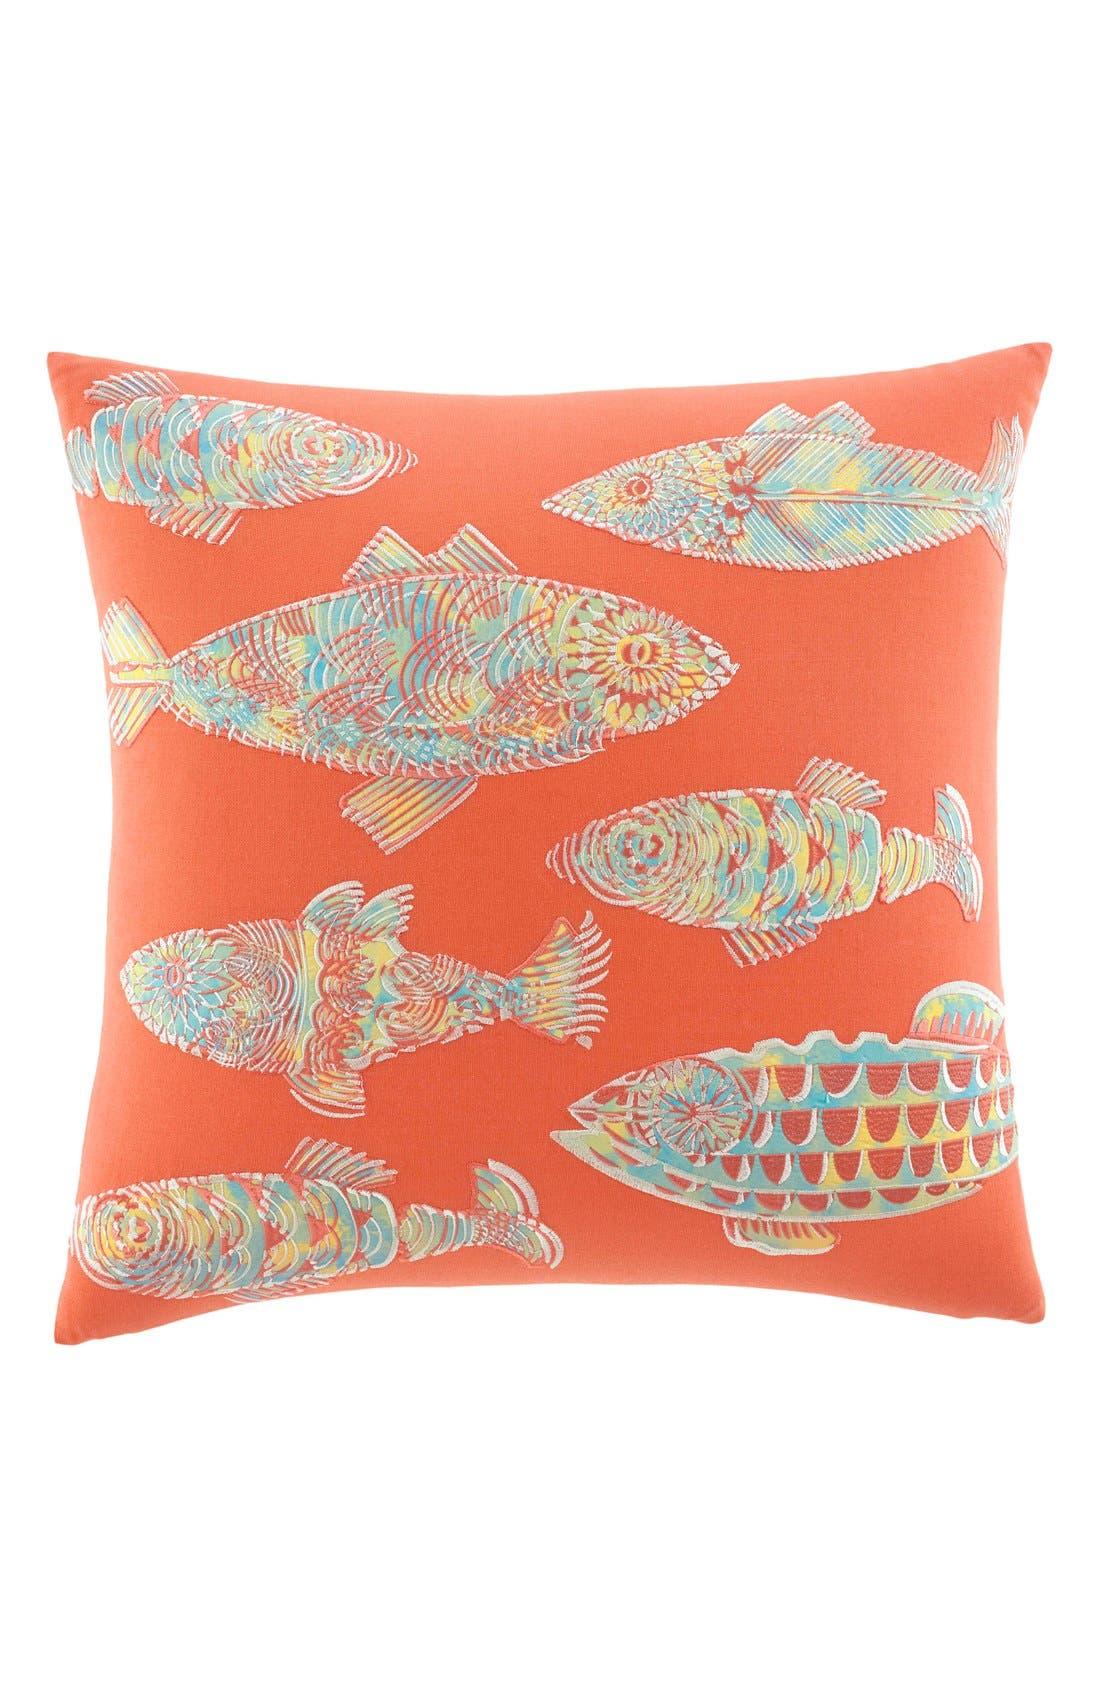 TOMMY BAHAMA, 'Batic Fish' Pillow, Main thumbnail 1, color, CORAL/ MULTI